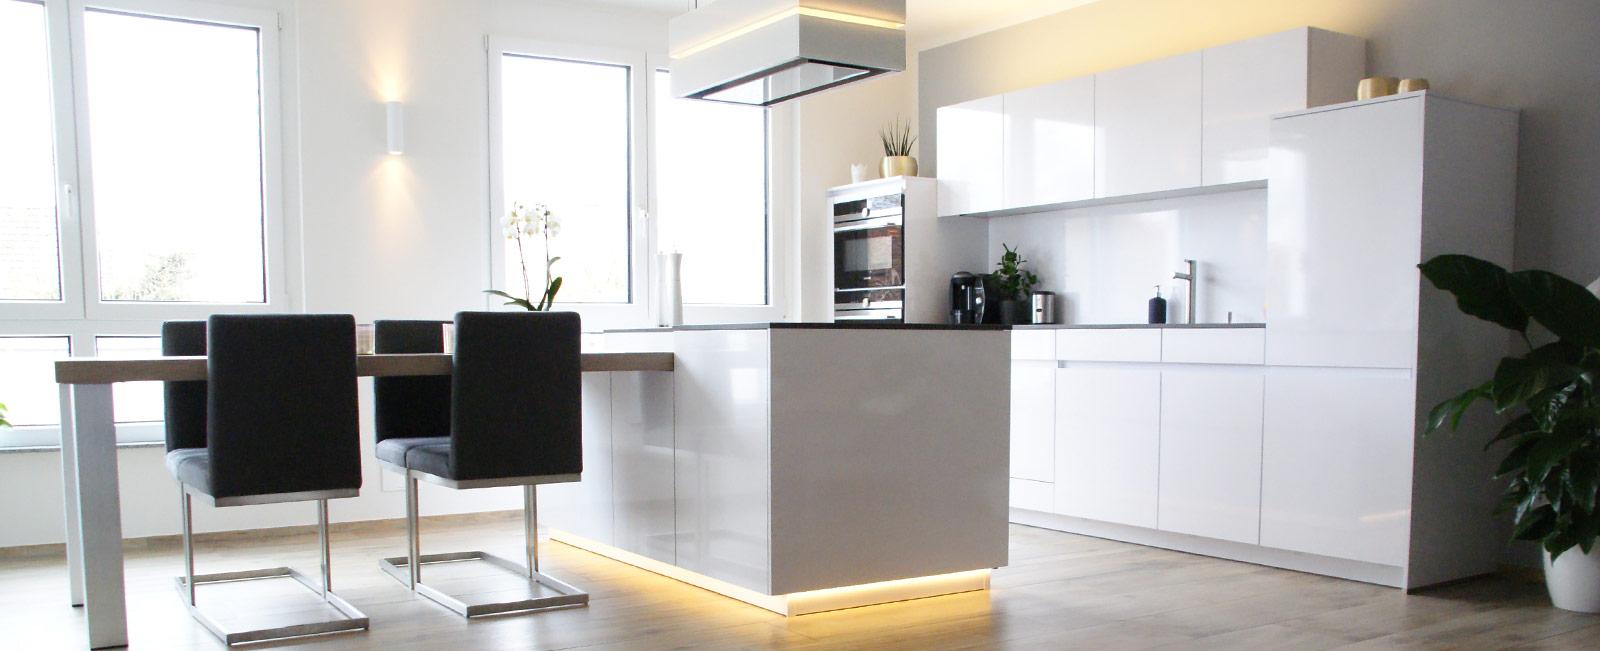 k che in magnolia hochglanz. Black Bedroom Furniture Sets. Home Design Ideas